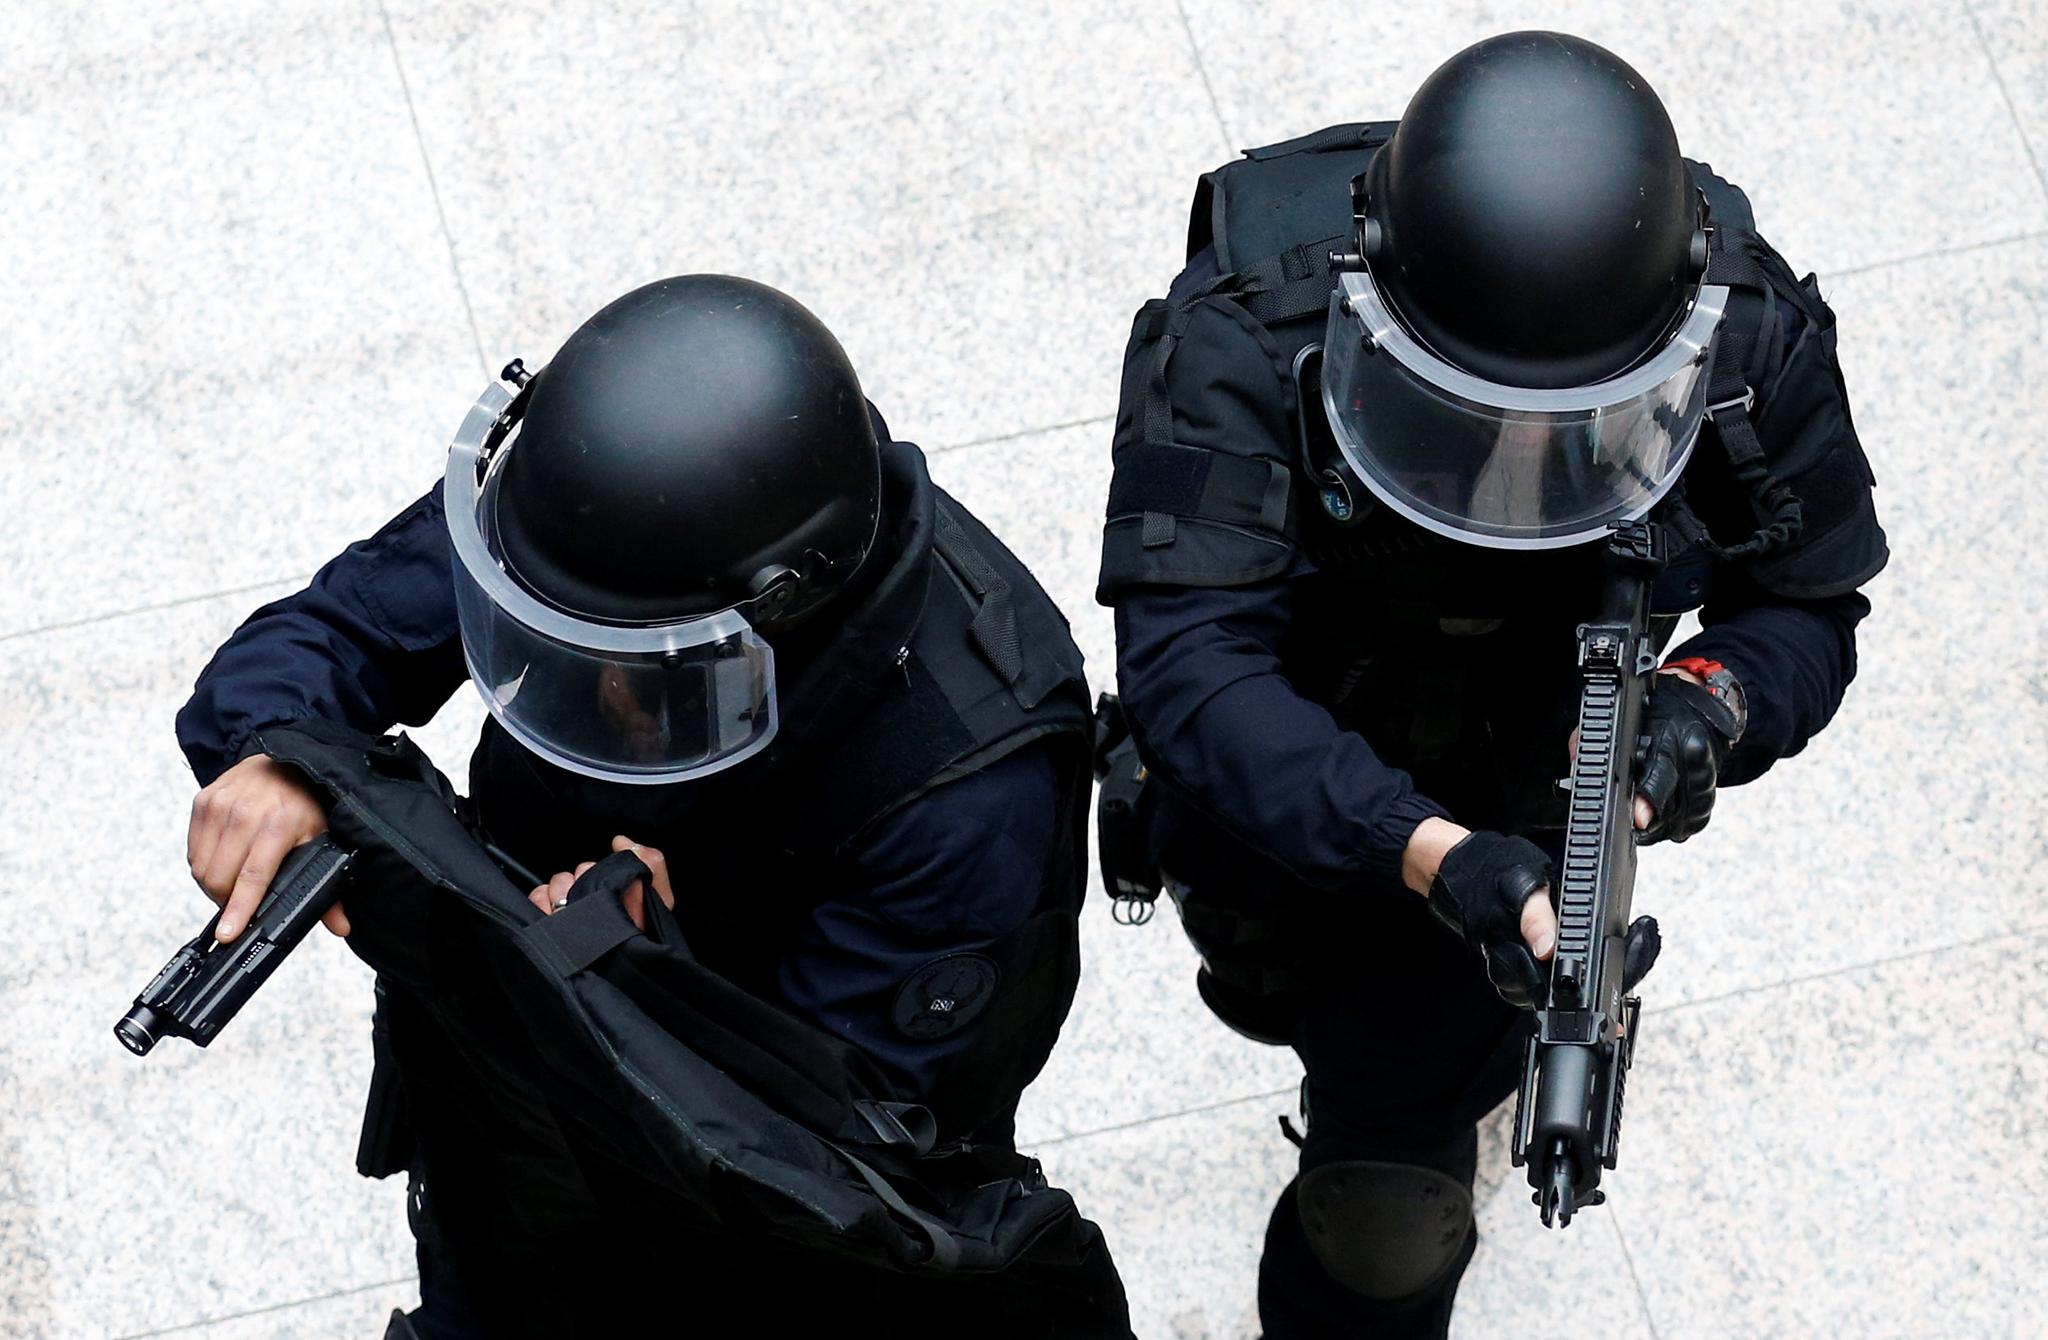 policeforces of malta